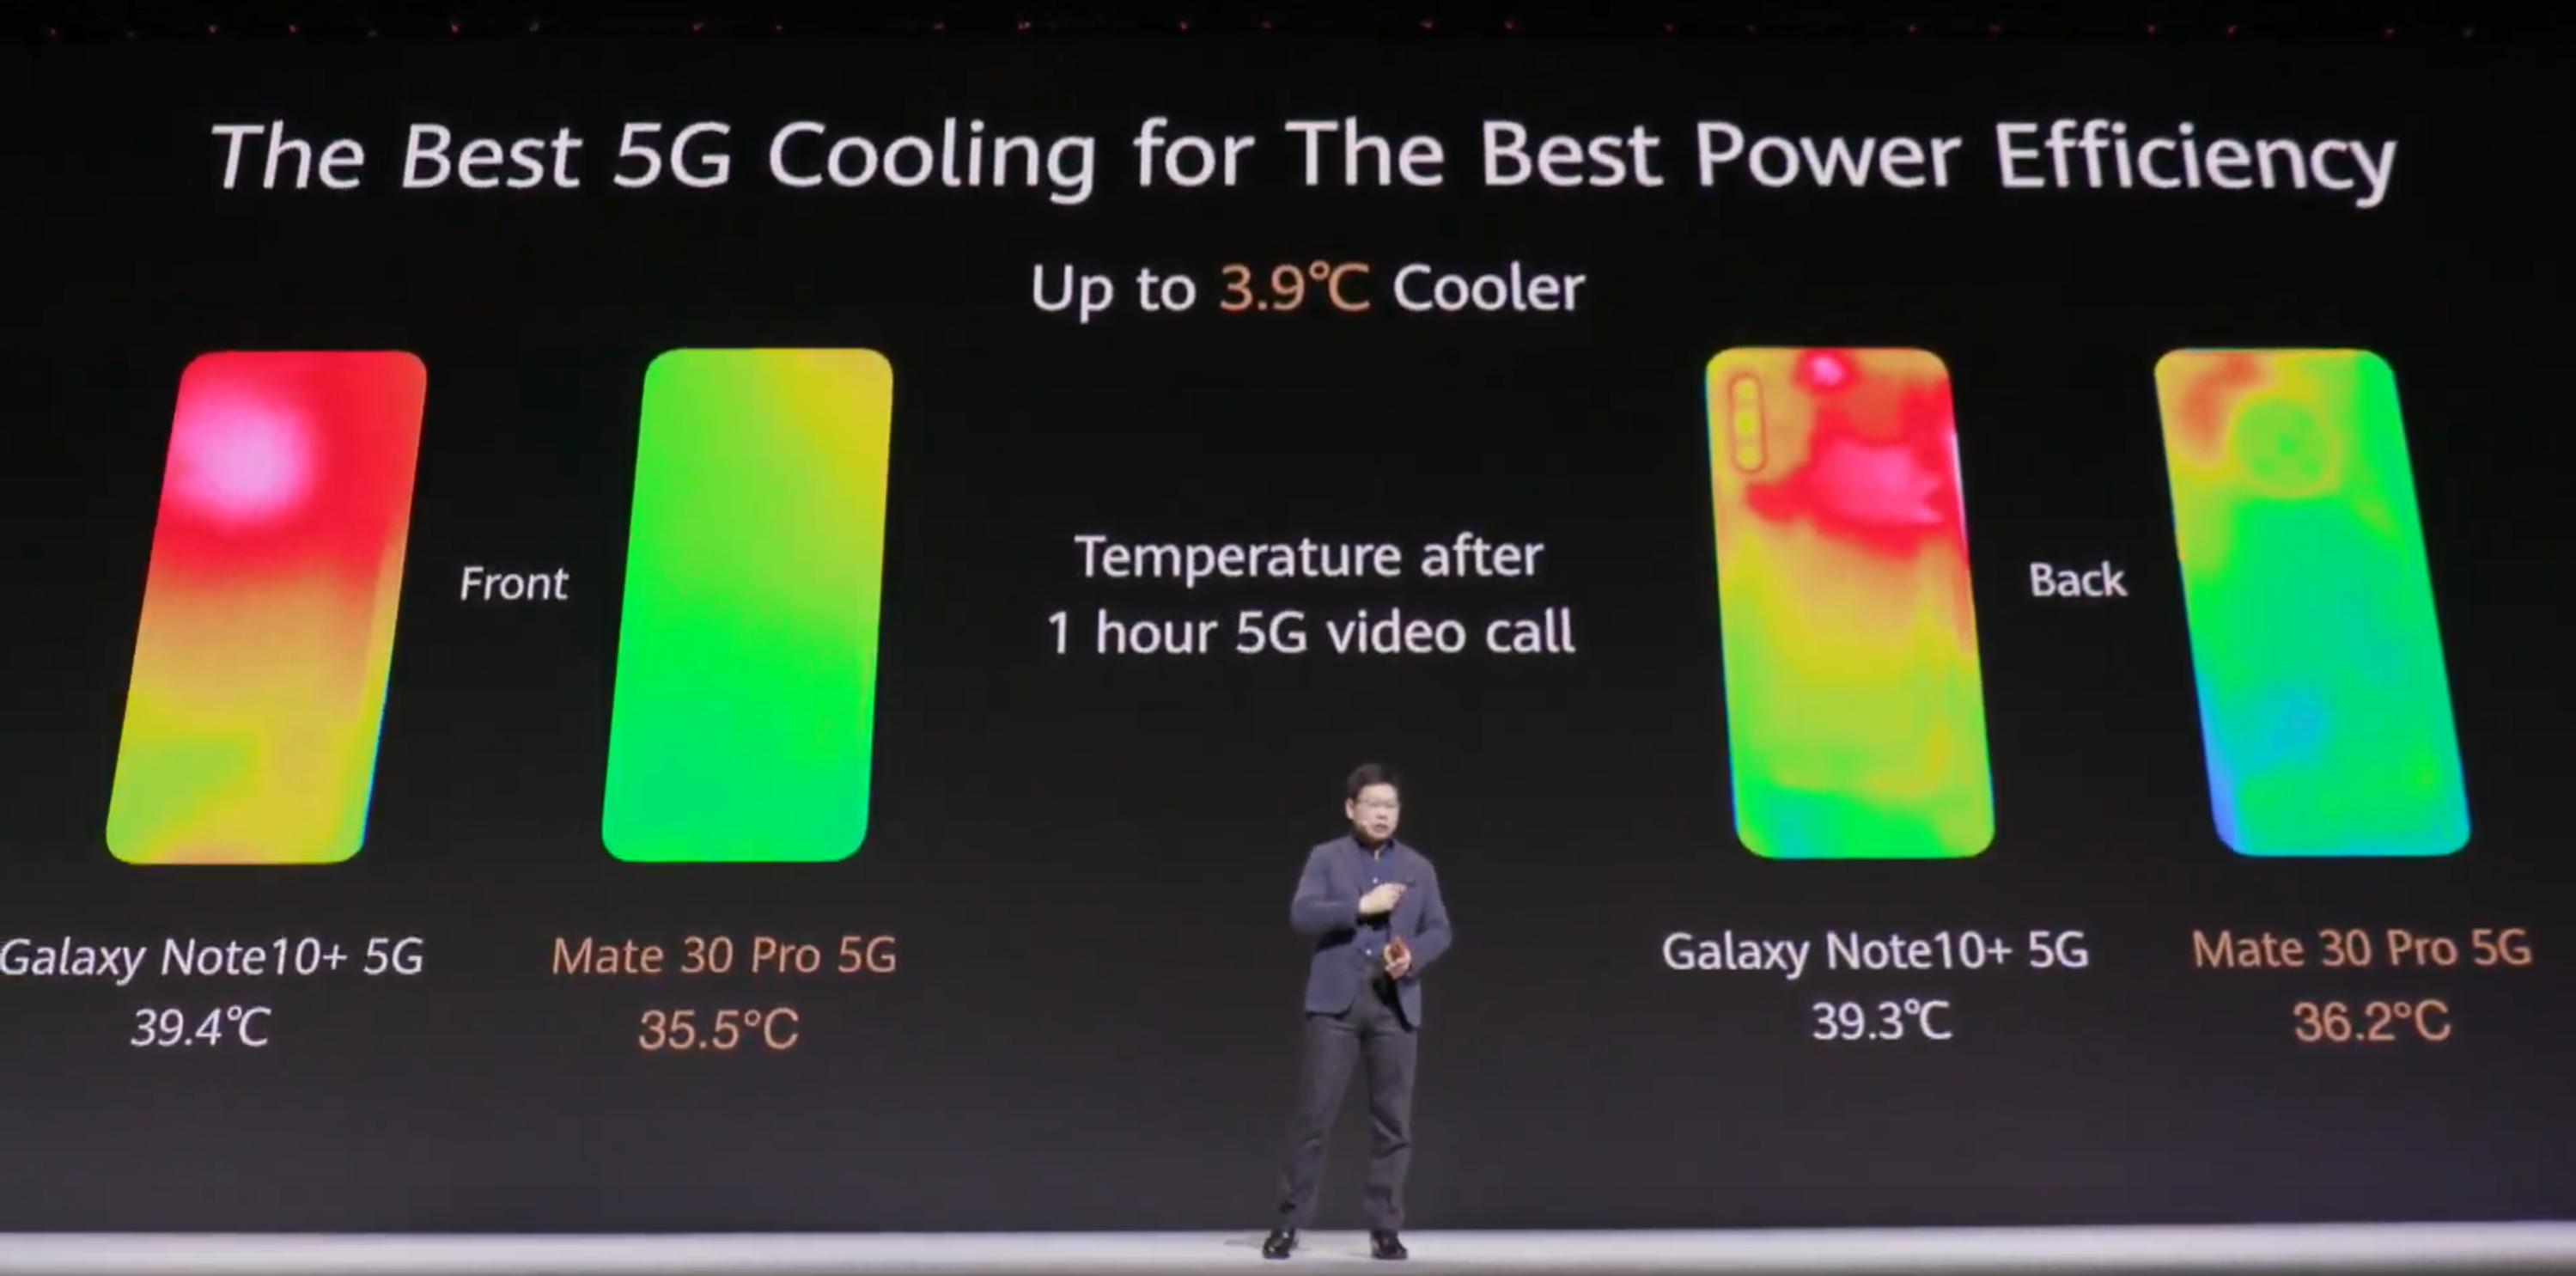 Speciális hűtés a Mate 30 széria 5G-s modelljeiben